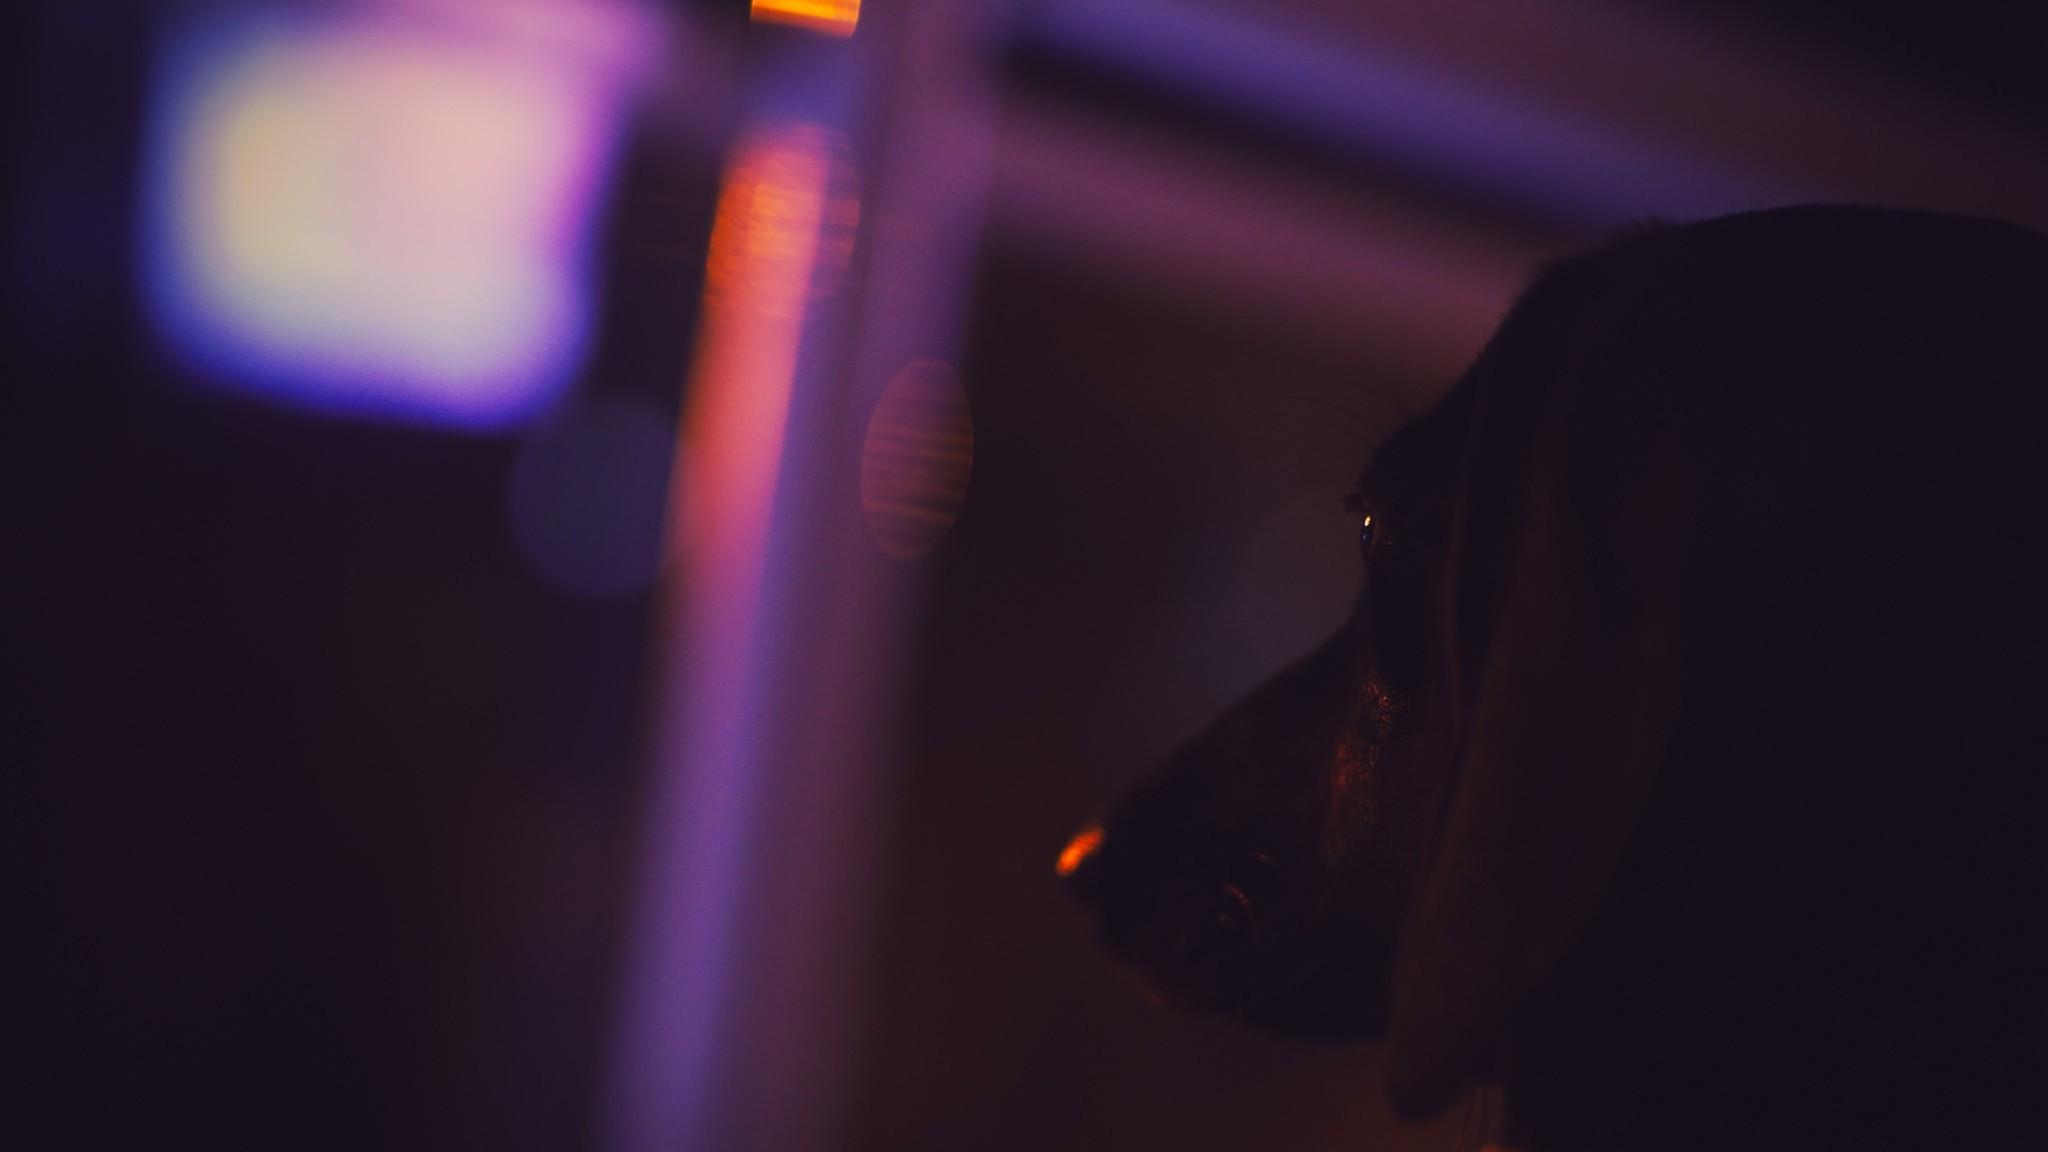 Fond Décran Noir Nuit La Photographie La Musique Bleu